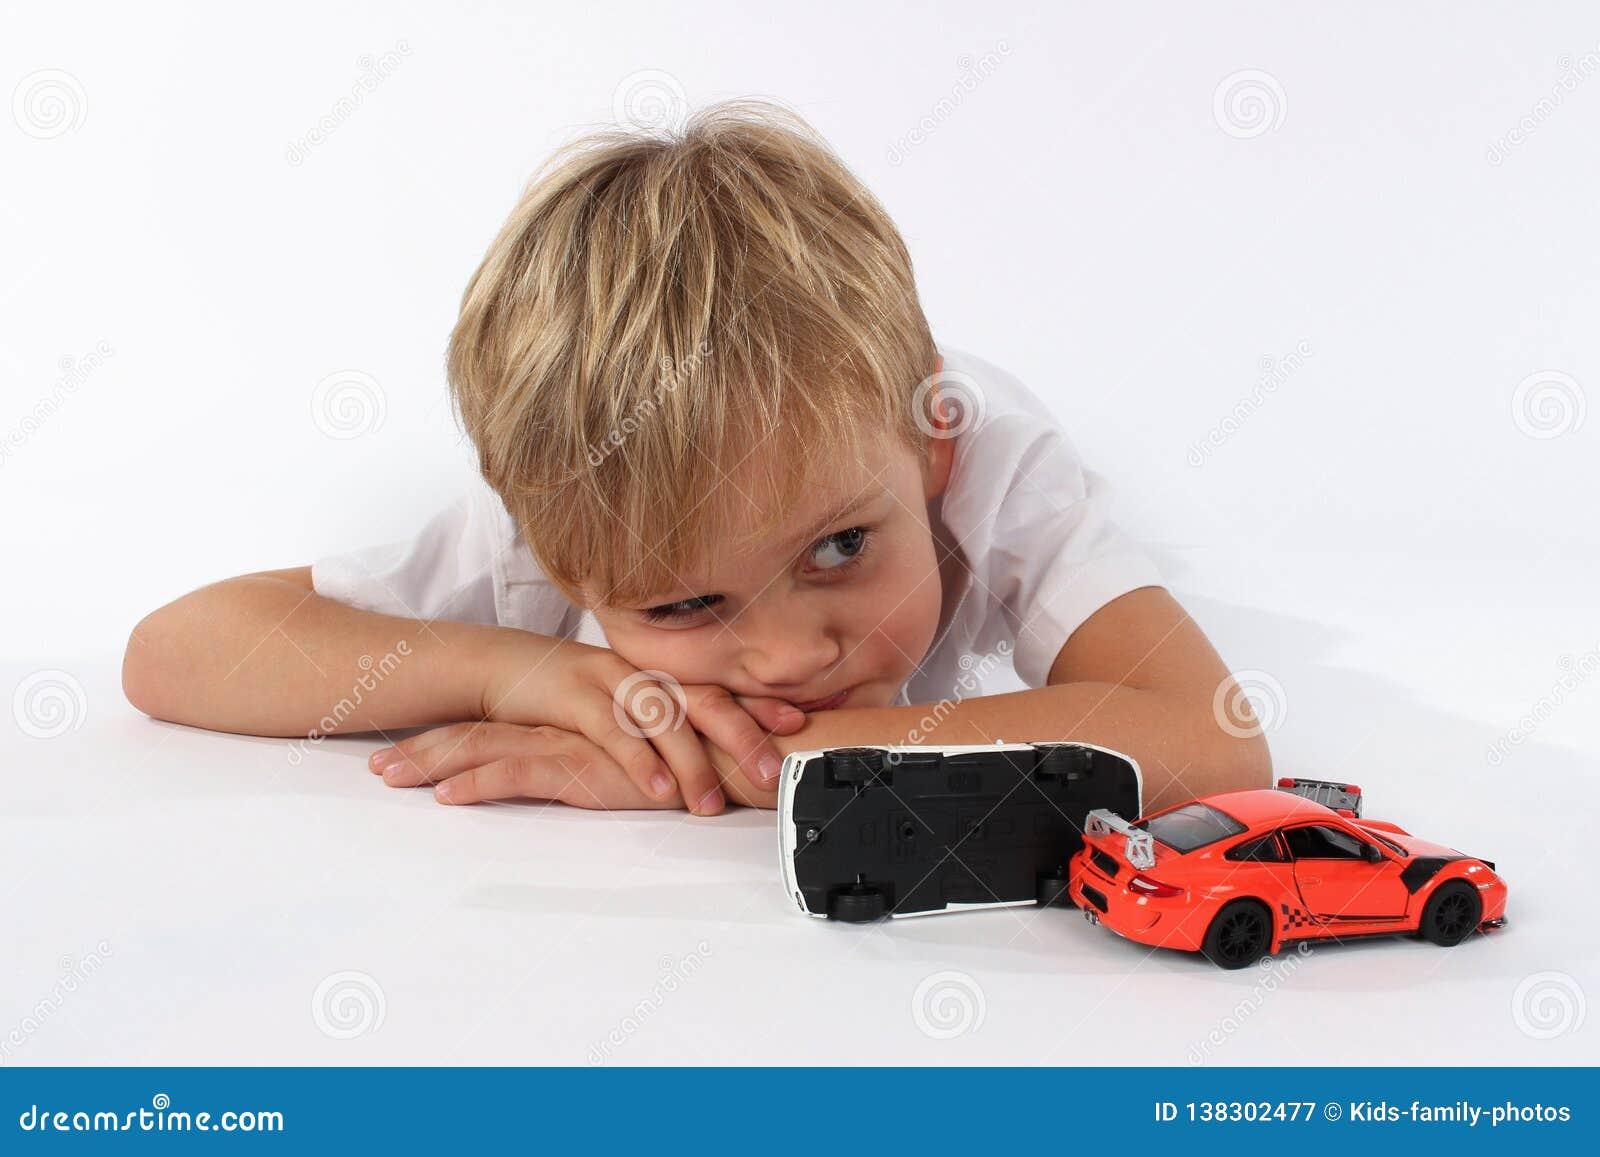 Joli petit garçon se trouvant derrière les jouets brisés de voiture et semblant ennuyé ou fatigué